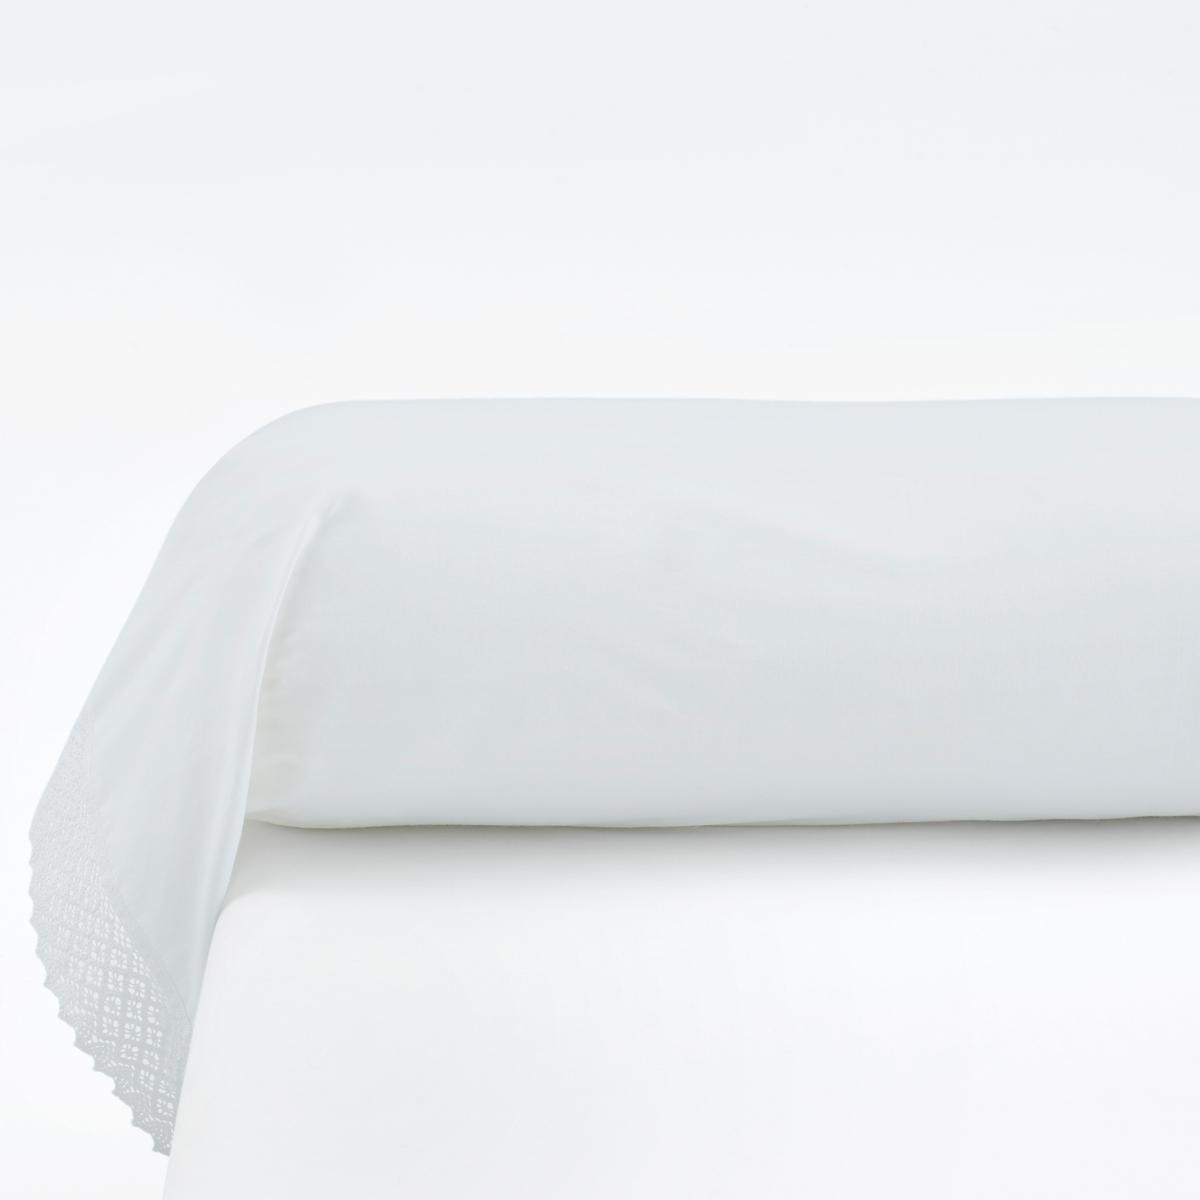 Наволочка на подушку-валик, DentelleХарактеристики наволочки на подушку-валик, Dentelle  :- Кружево по краям - 100% хлопок (52 нити/см?) . Чем плотнее переплетение нитей/см?, тем выше качество материала.- Стирка при 60°.Знак Oeko-Tex® гарантирует отсутствие вредных для здоровья человека веществ в протестированных и сертифицированных изделиях.Размеры :85 x 185 см : Наволочка на подушку-валик Найдите комплект постельного белья DENTELLE<br><br>Цвет: белый<br>Размер: 85 x 185 см